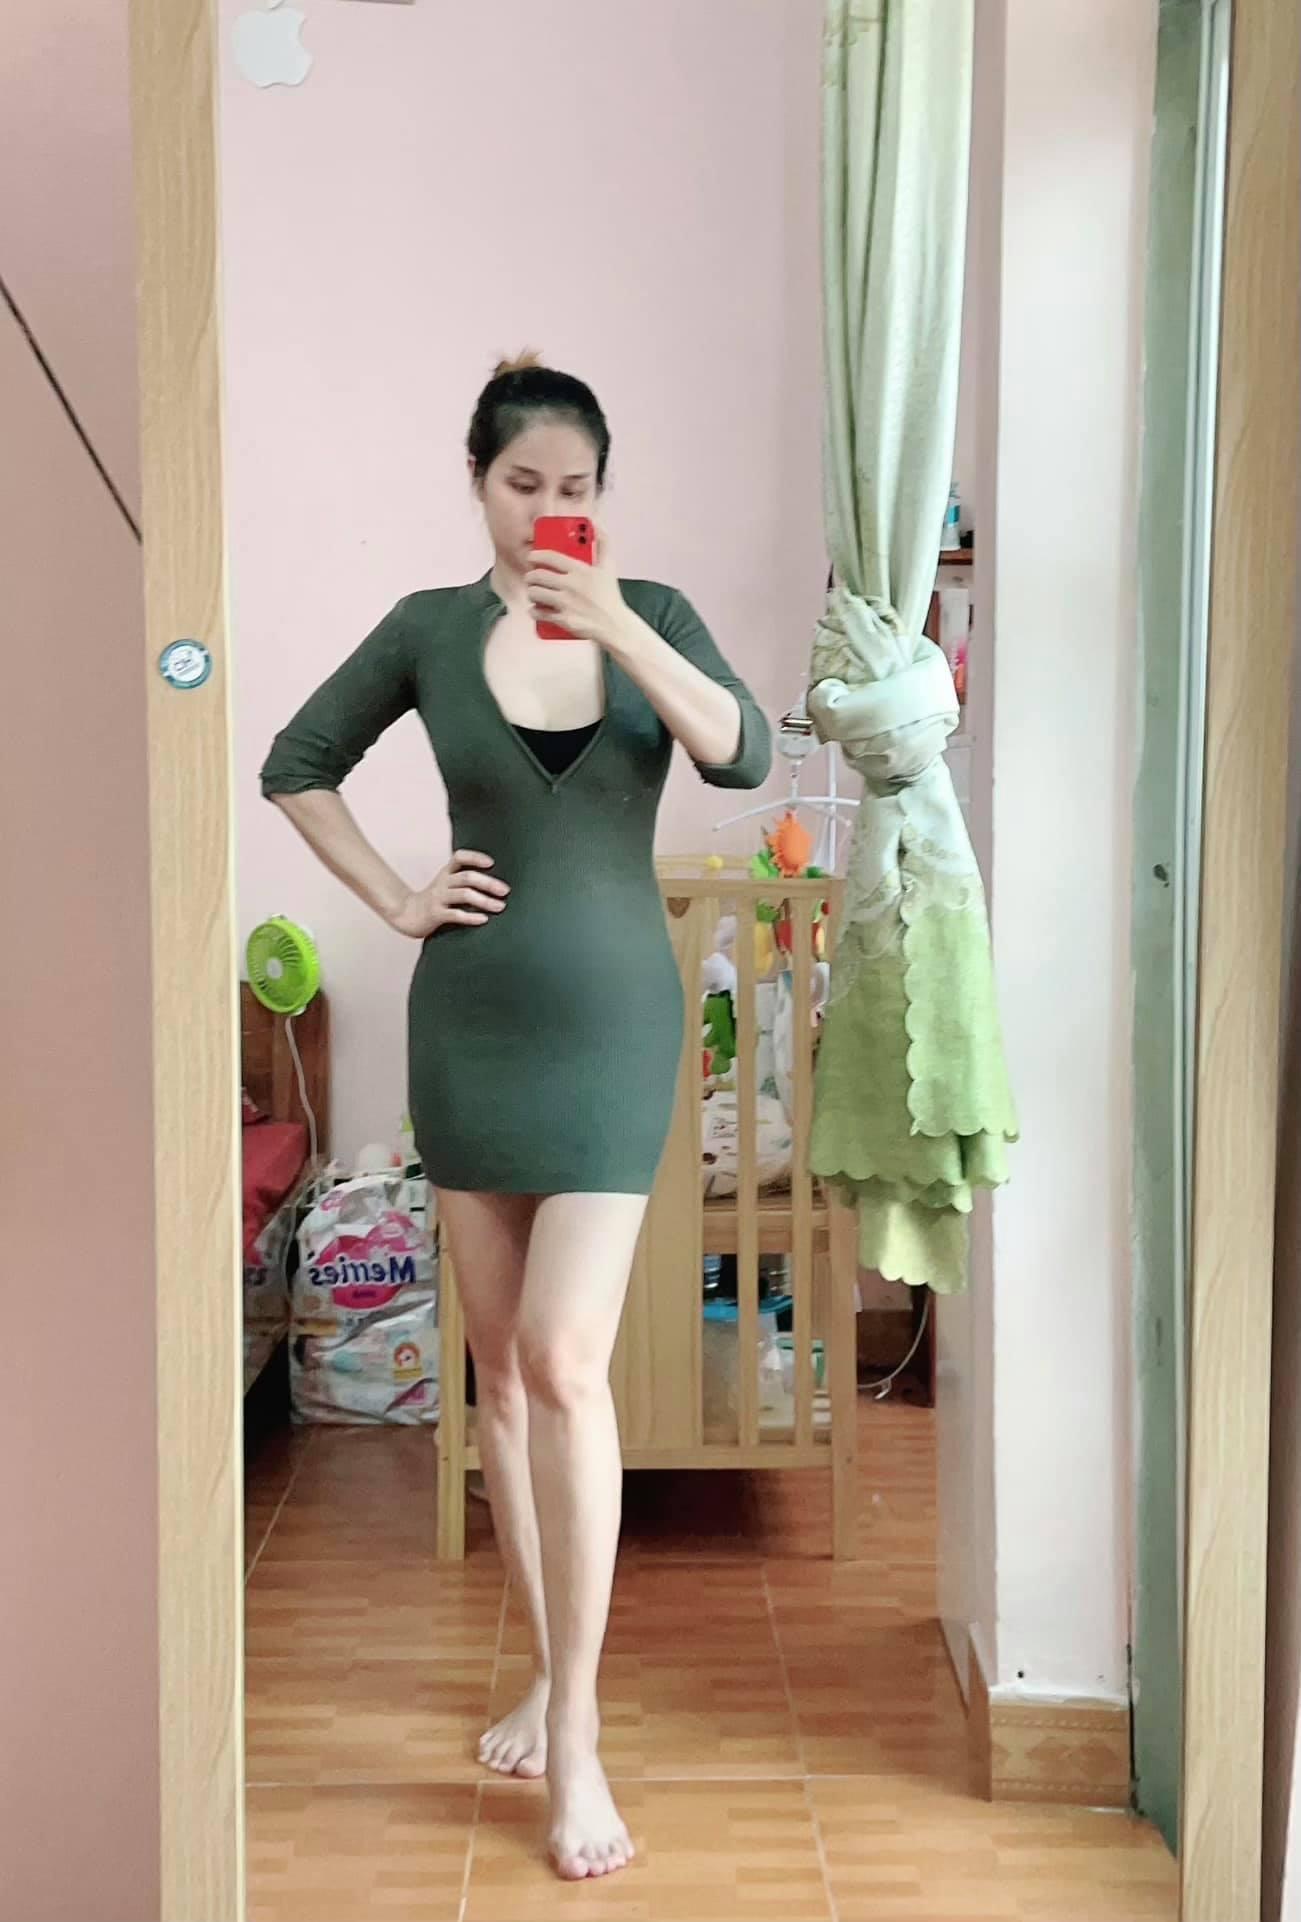 """thao trang 1 1632733276 489 width1301height1922 Vợ cũ Phan Thanh Bình khoe dáng """"mẹ bỉm sữa"""" nuột nà sau khi giảm được gần 3 yến"""